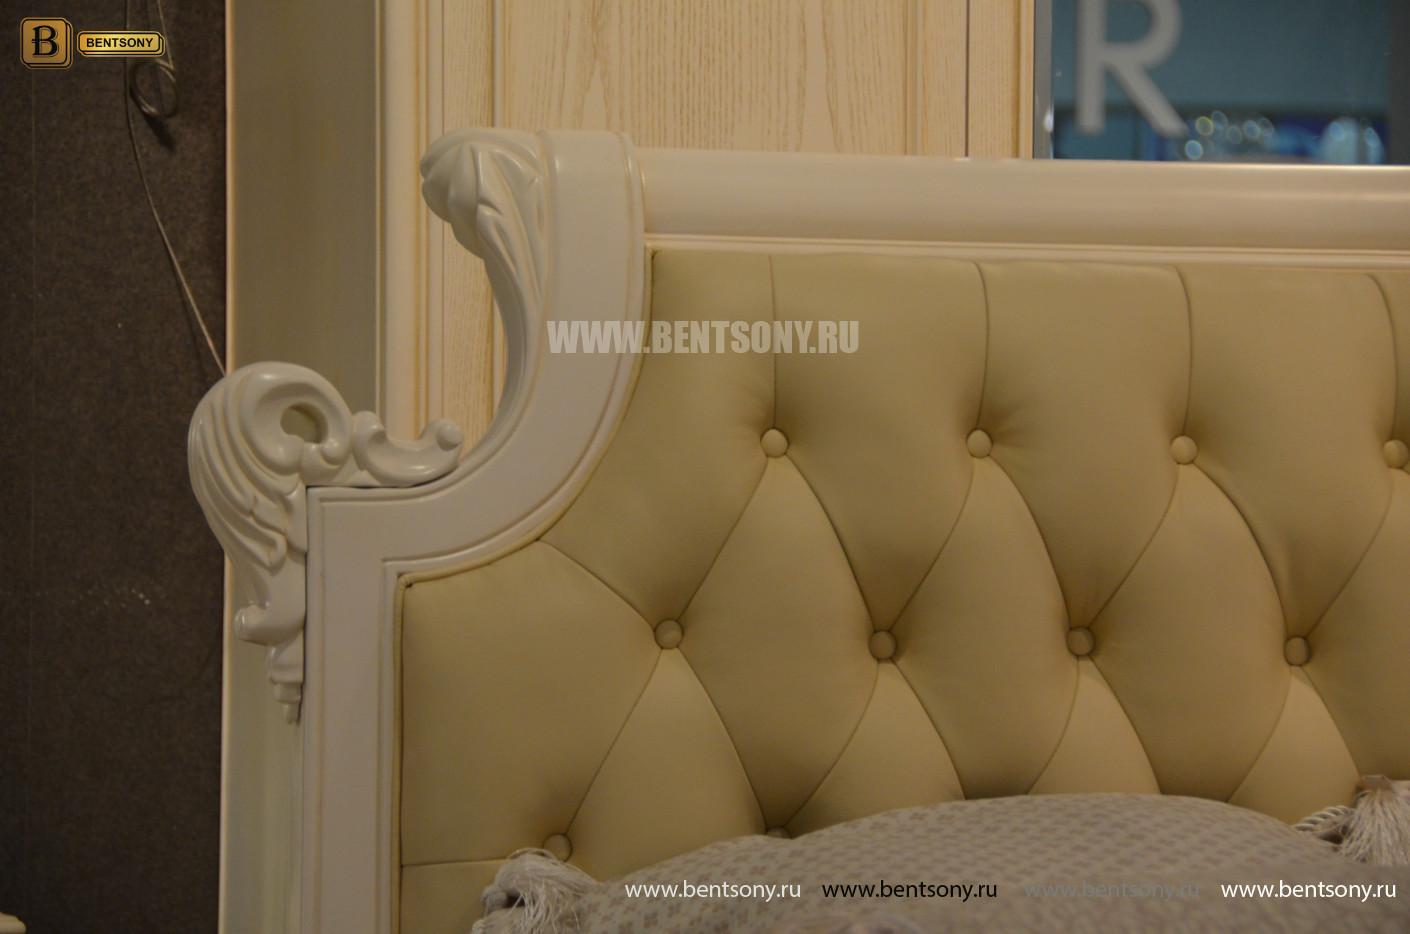 Кровать Флетчер-W D (Классика, Ткань) в Москве